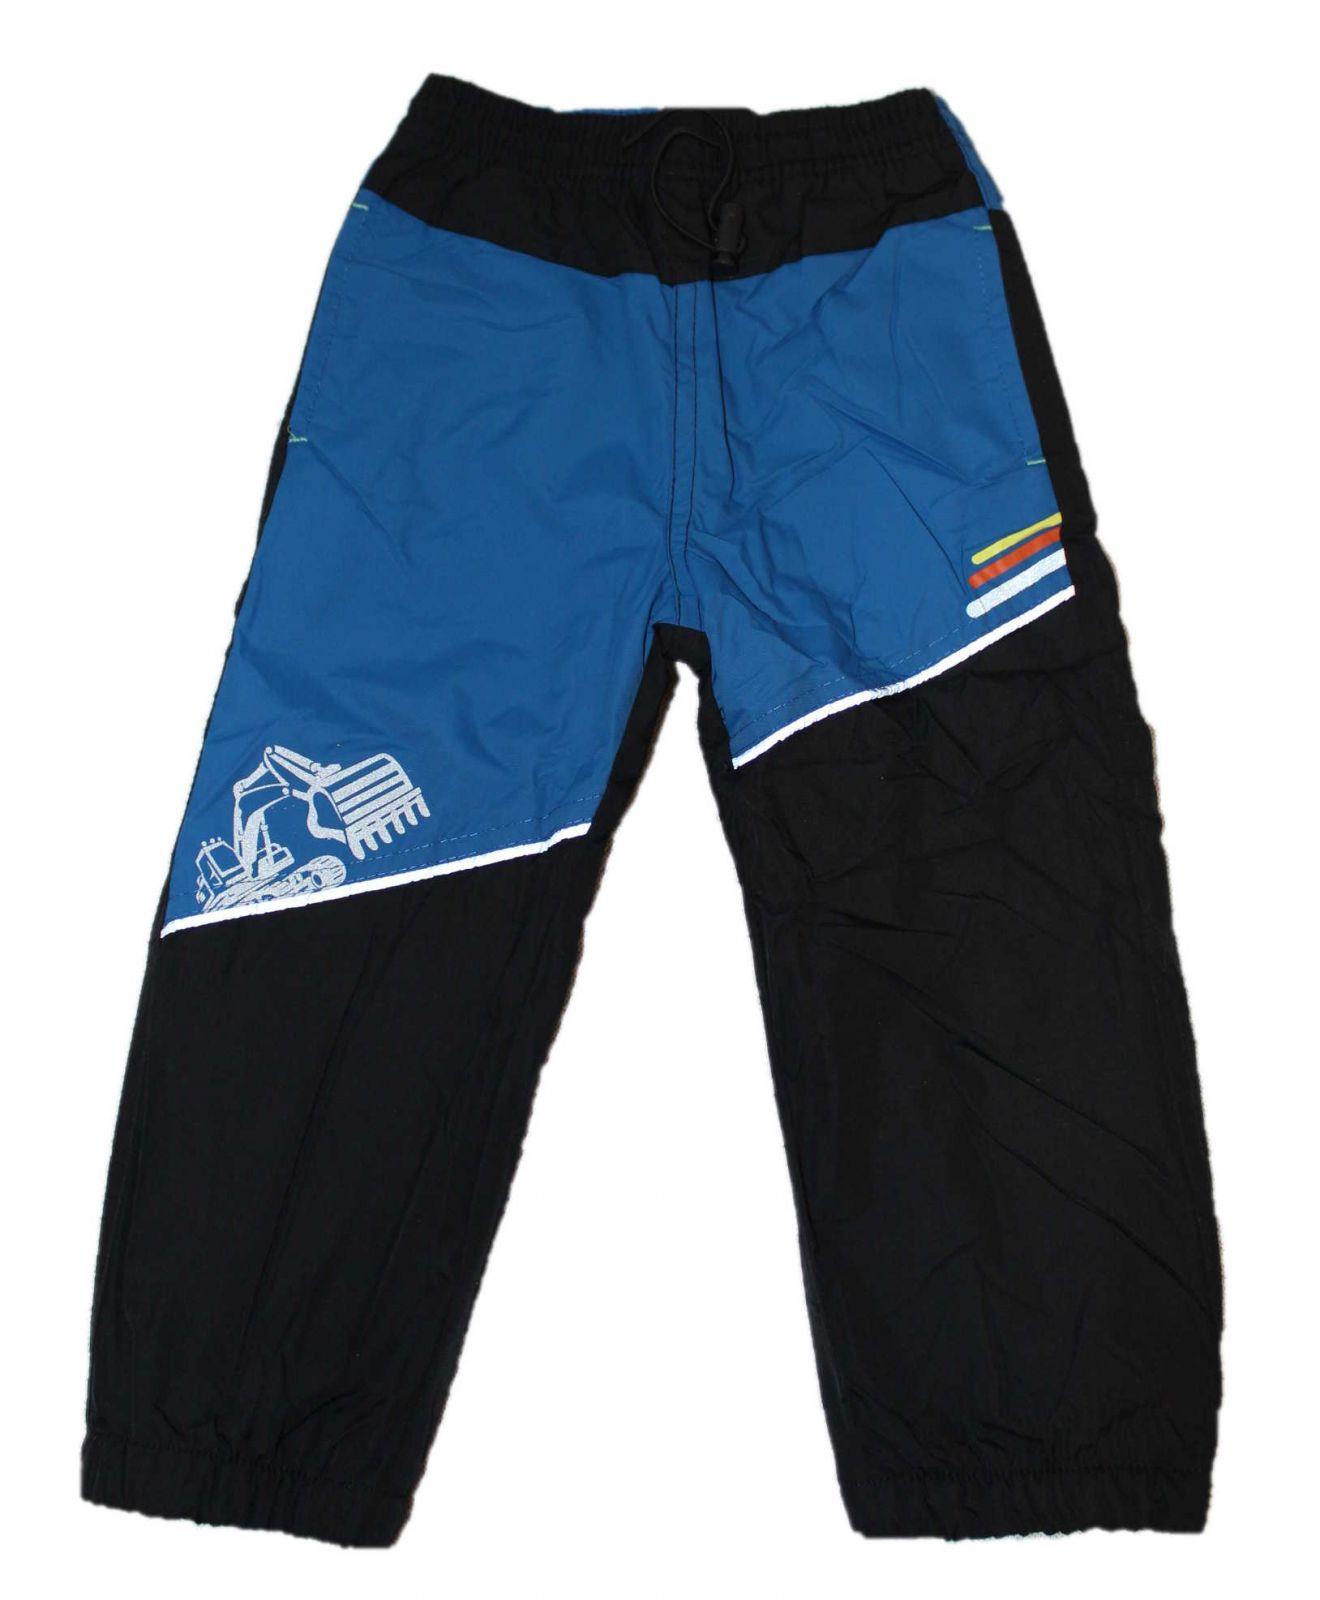 5a6c8c543cf Dětské zateplené šusťákové kalhoty KUGO